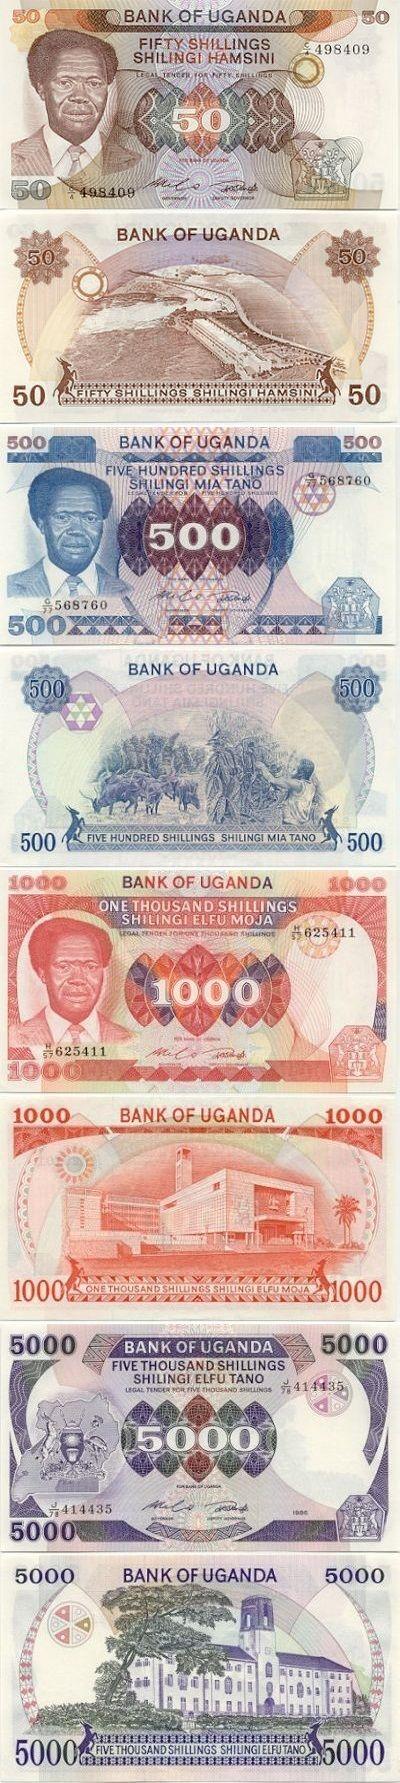 Uganda:  50 Shillings (1985) (President Milton Obote, dam); 500 Shillings (1983) (President Milton Obote, cattle); 1000 Shillings (1983) (President Milton Obote, building); 5000 Shillings (1986) (Clock tower building).